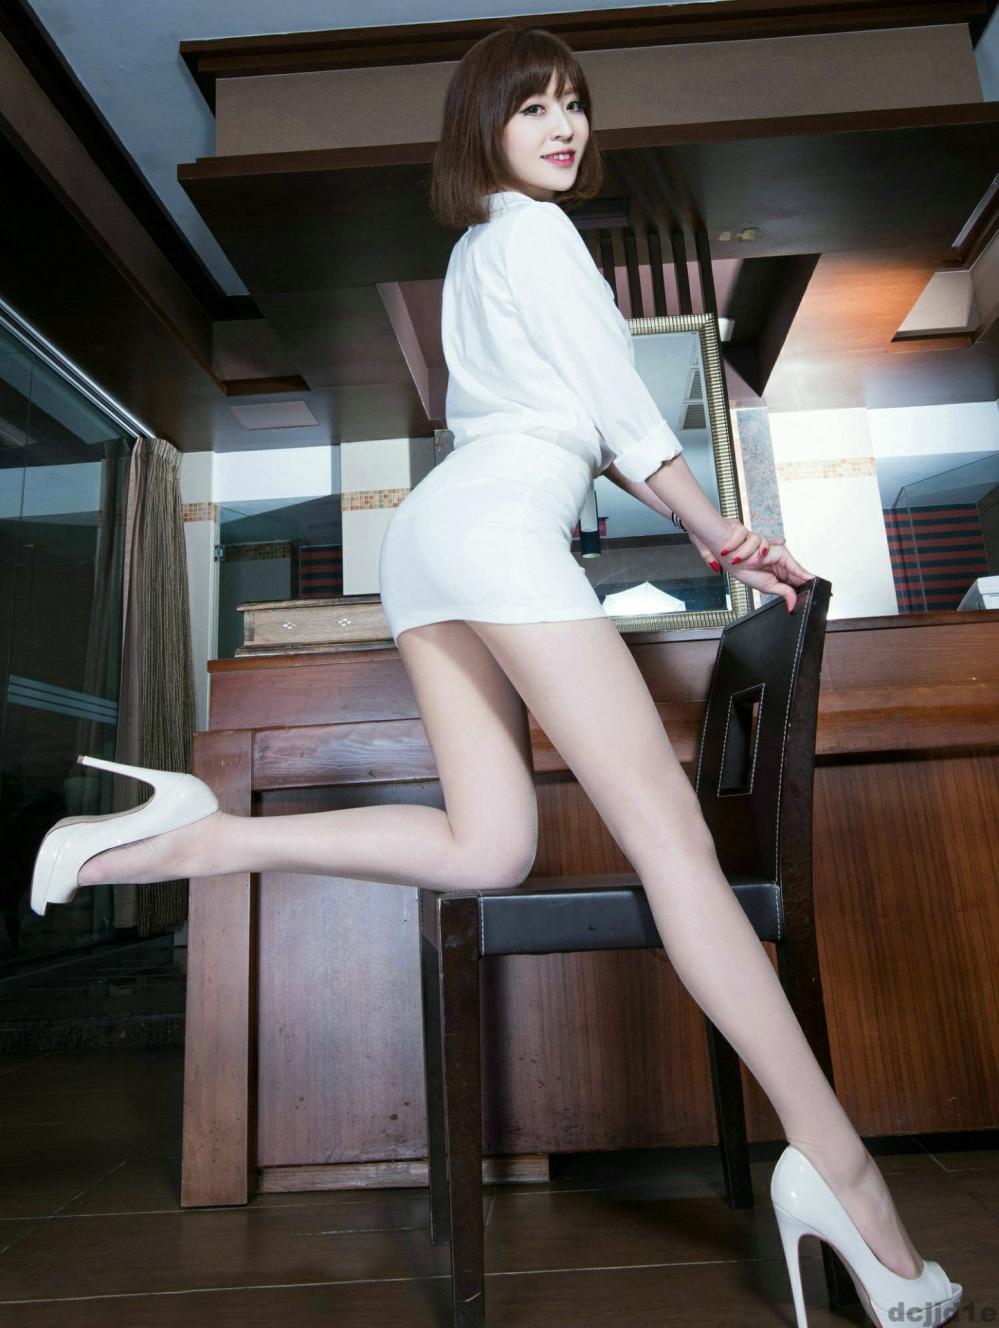 包臀裙修饰曼妙身材, 显俏美与众不同 4